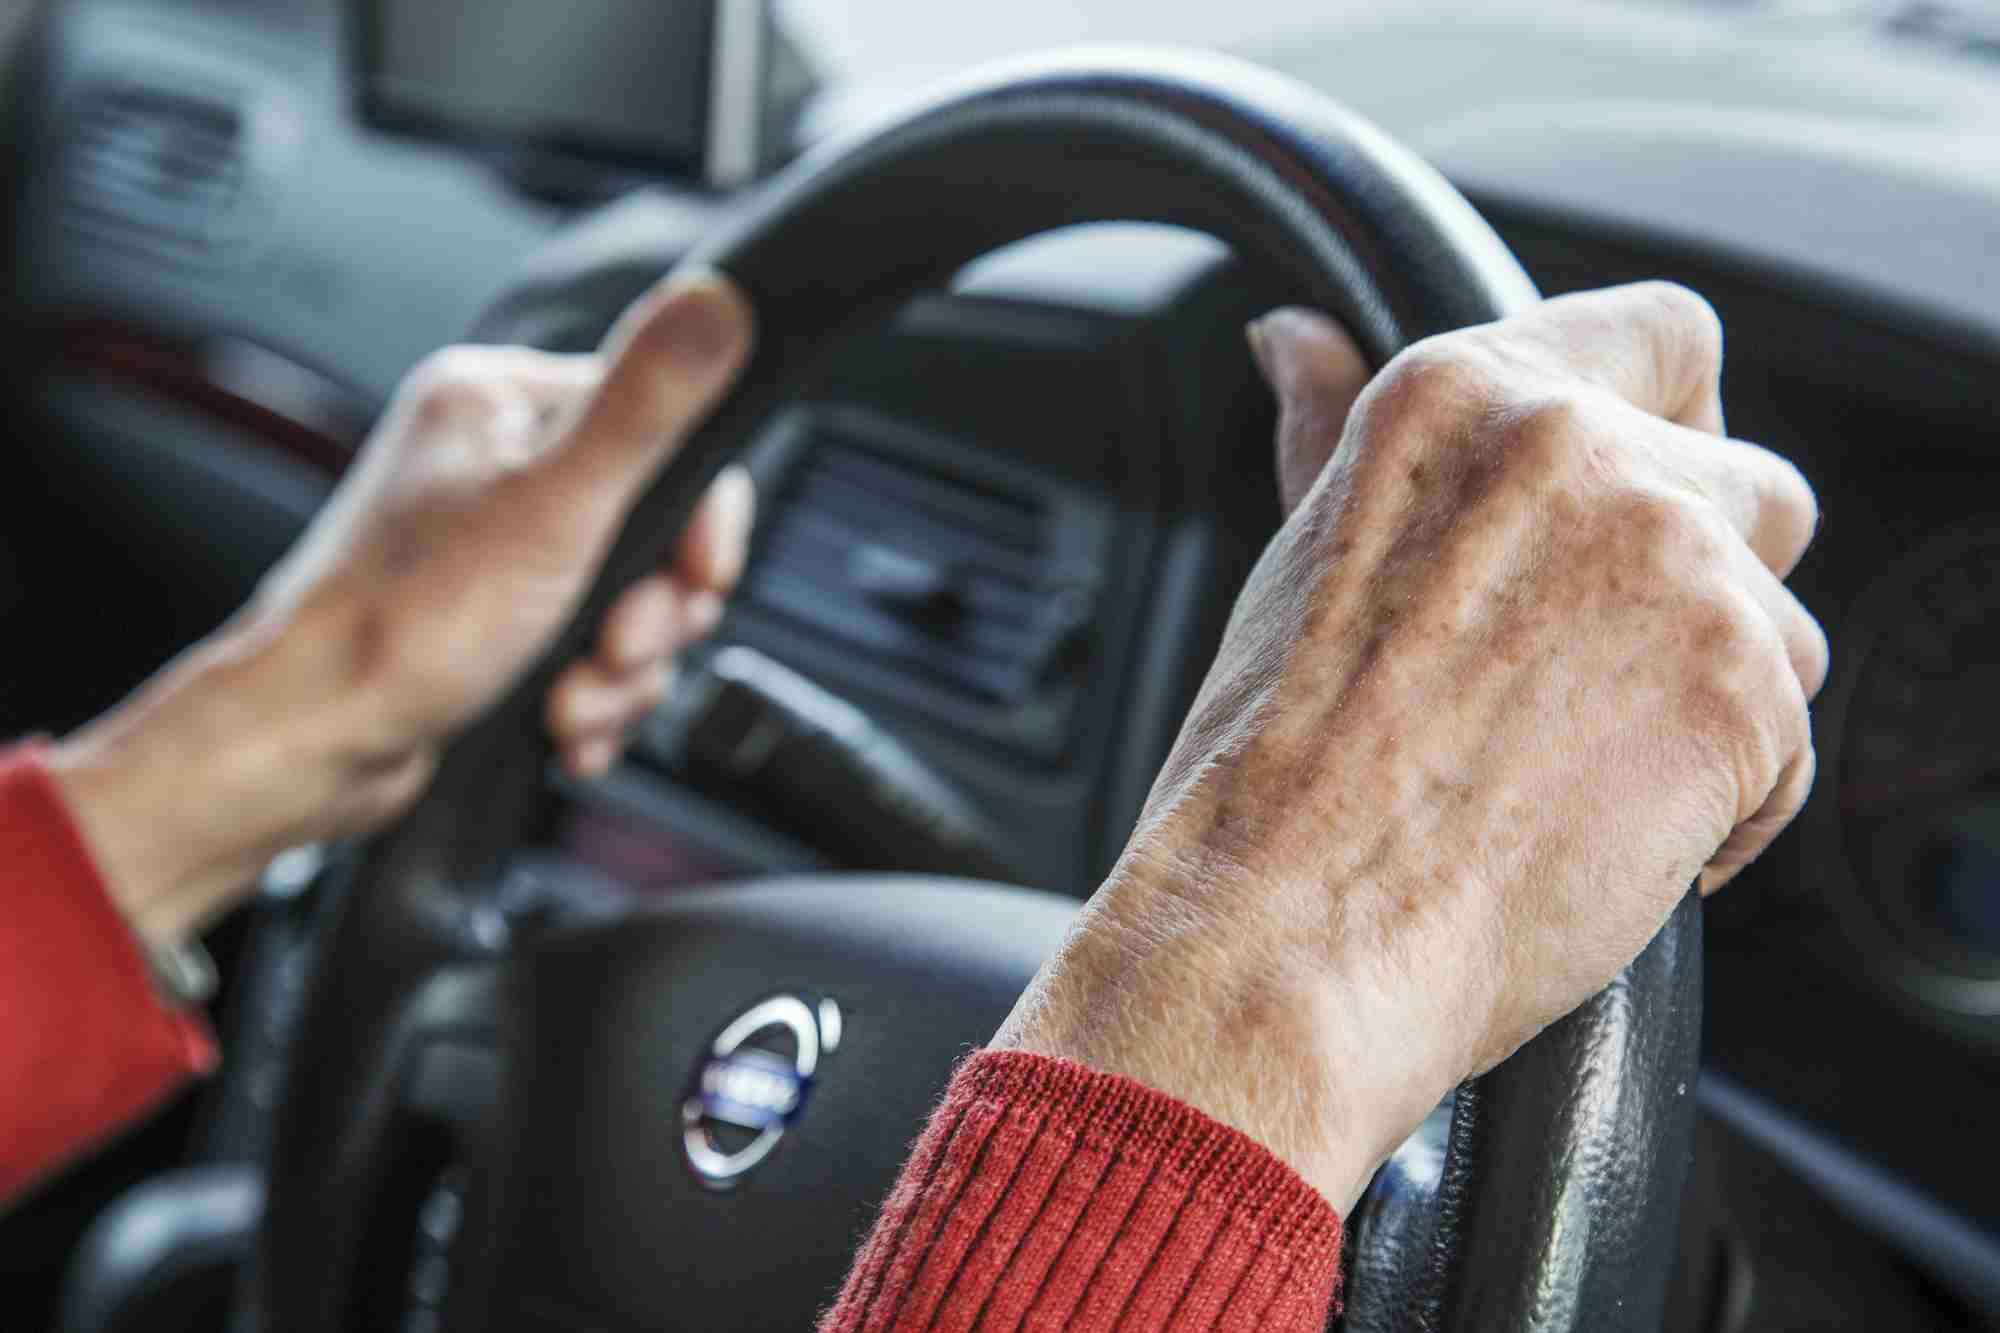 なぜハンドルを握り続けるのか<高齢者事故>90代、生活に車は必需 スーパー徒歩1時間